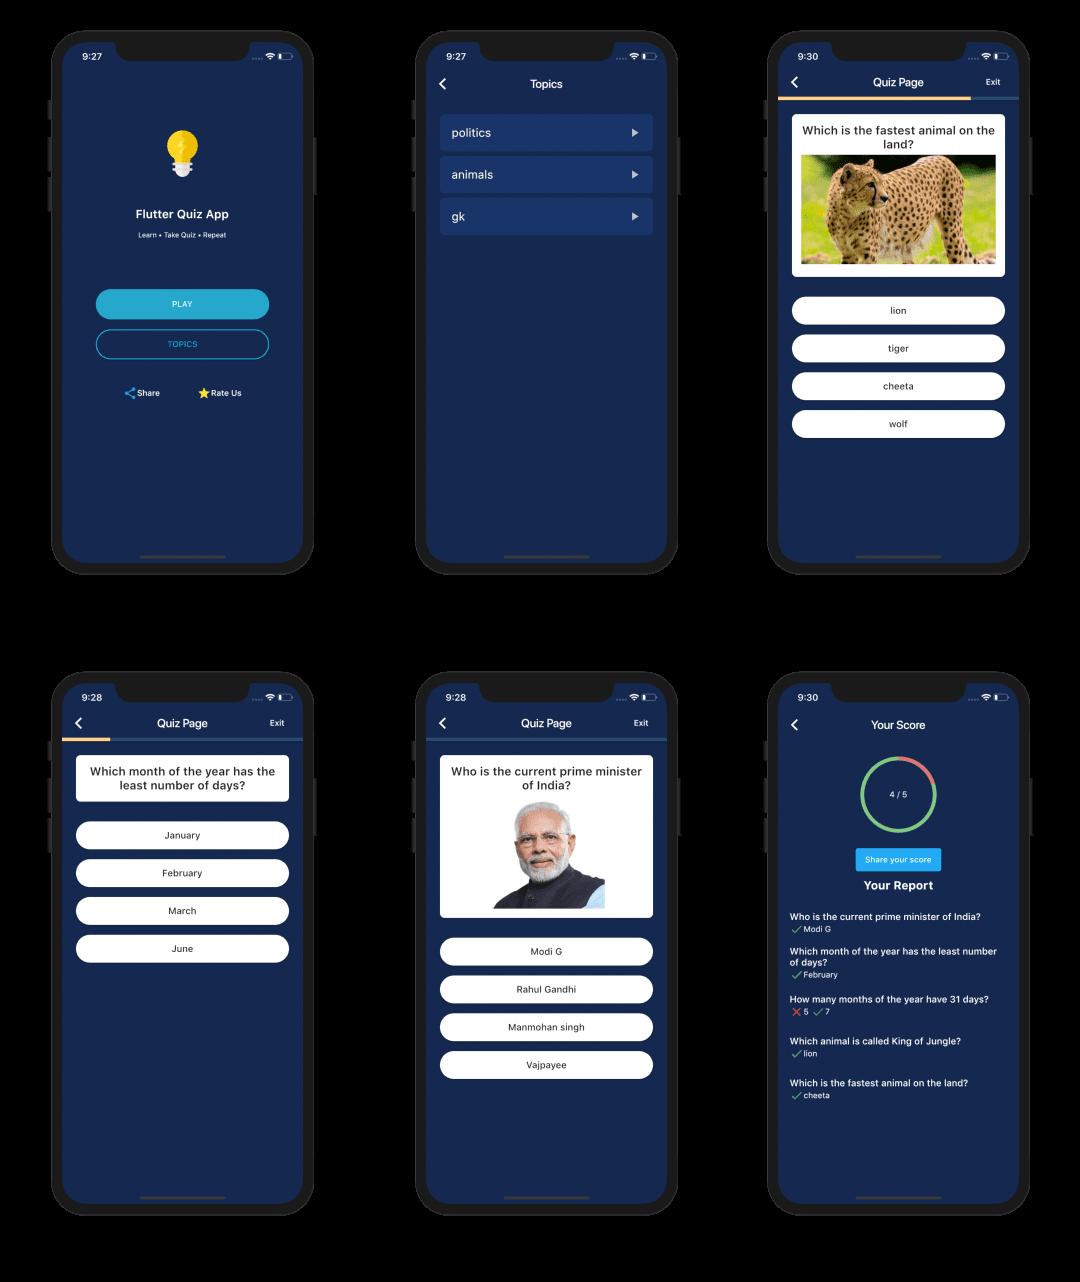 A quiz app built using Flutter